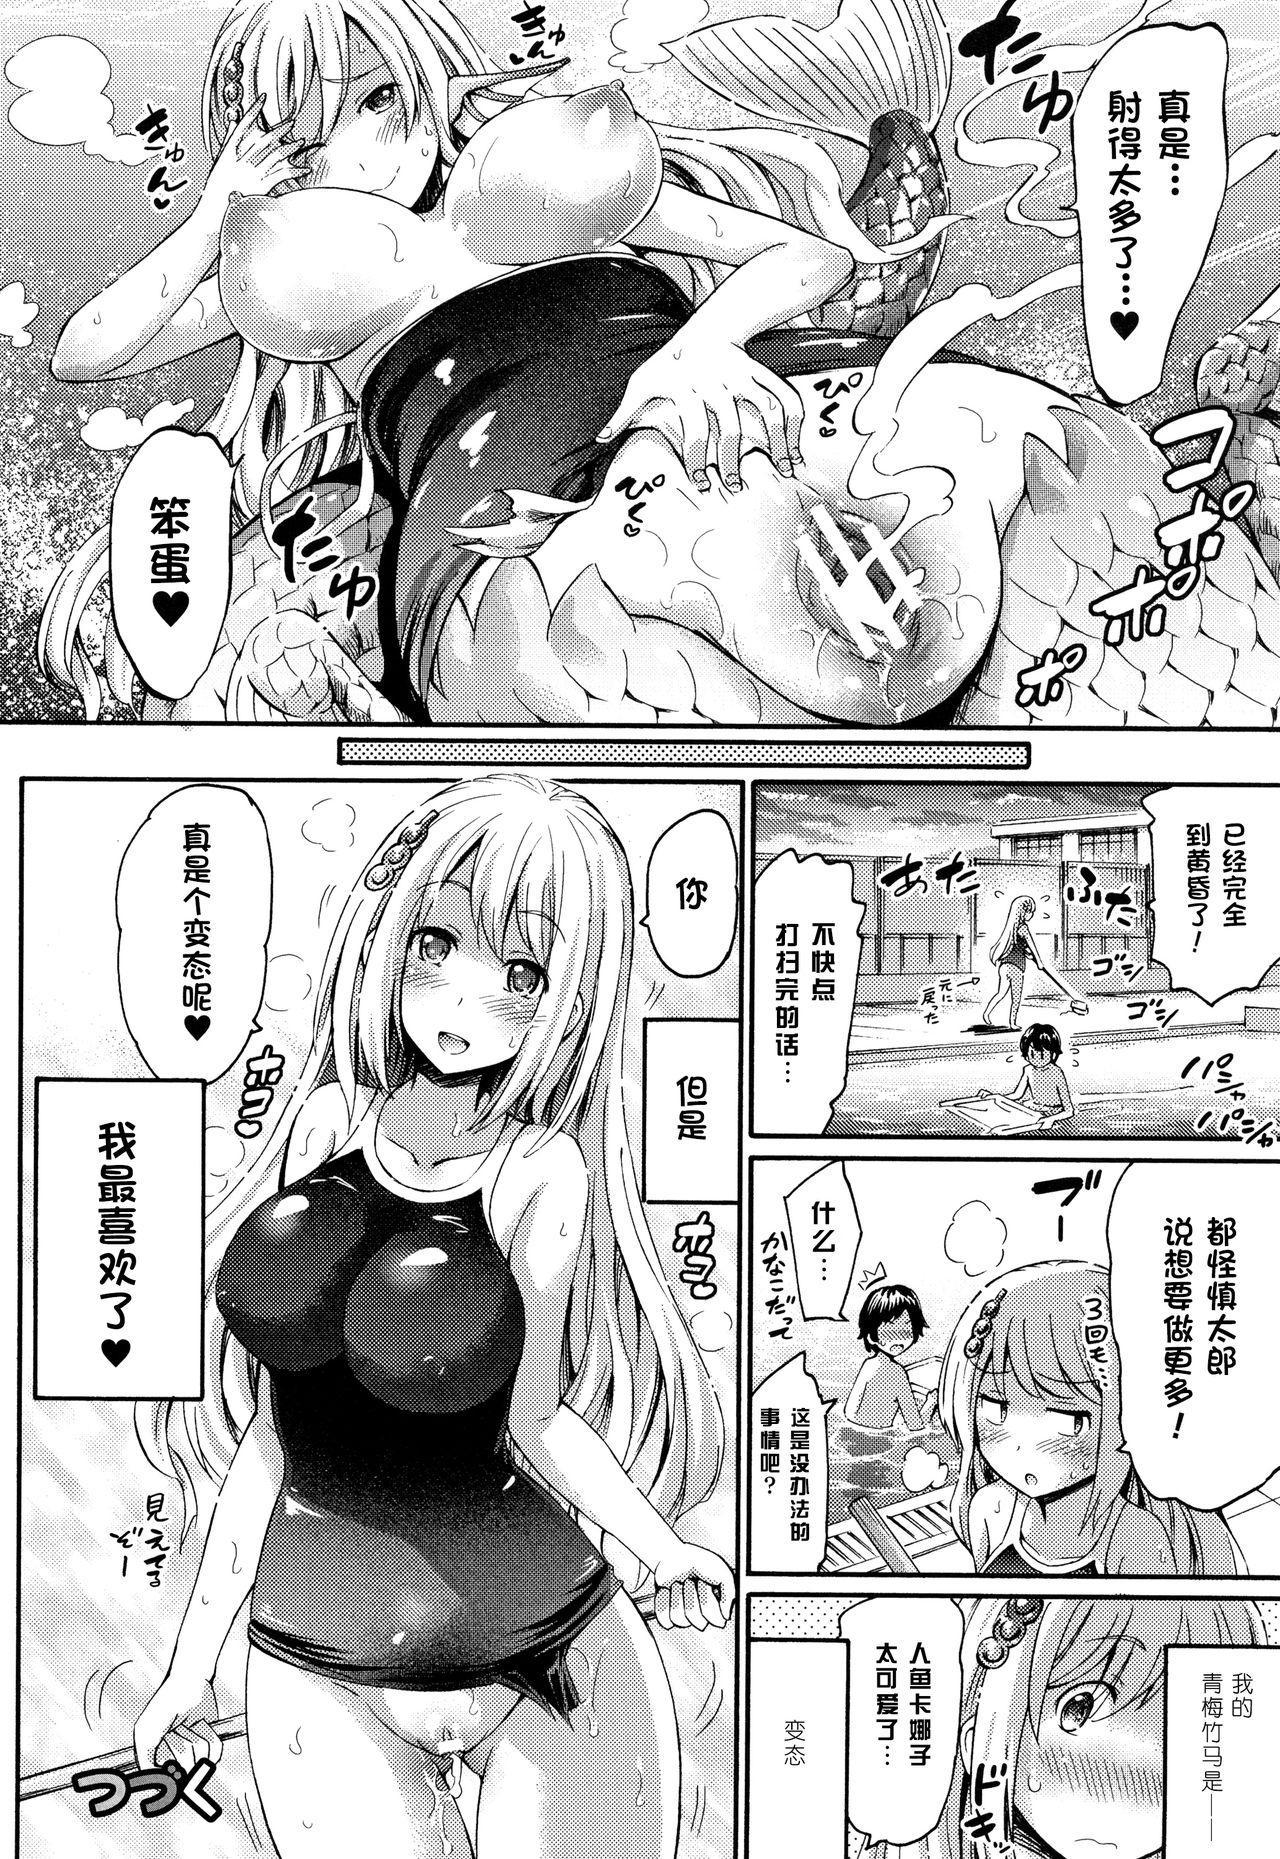 Appli de Hentai Pool no Sukumizu Ningyo 15